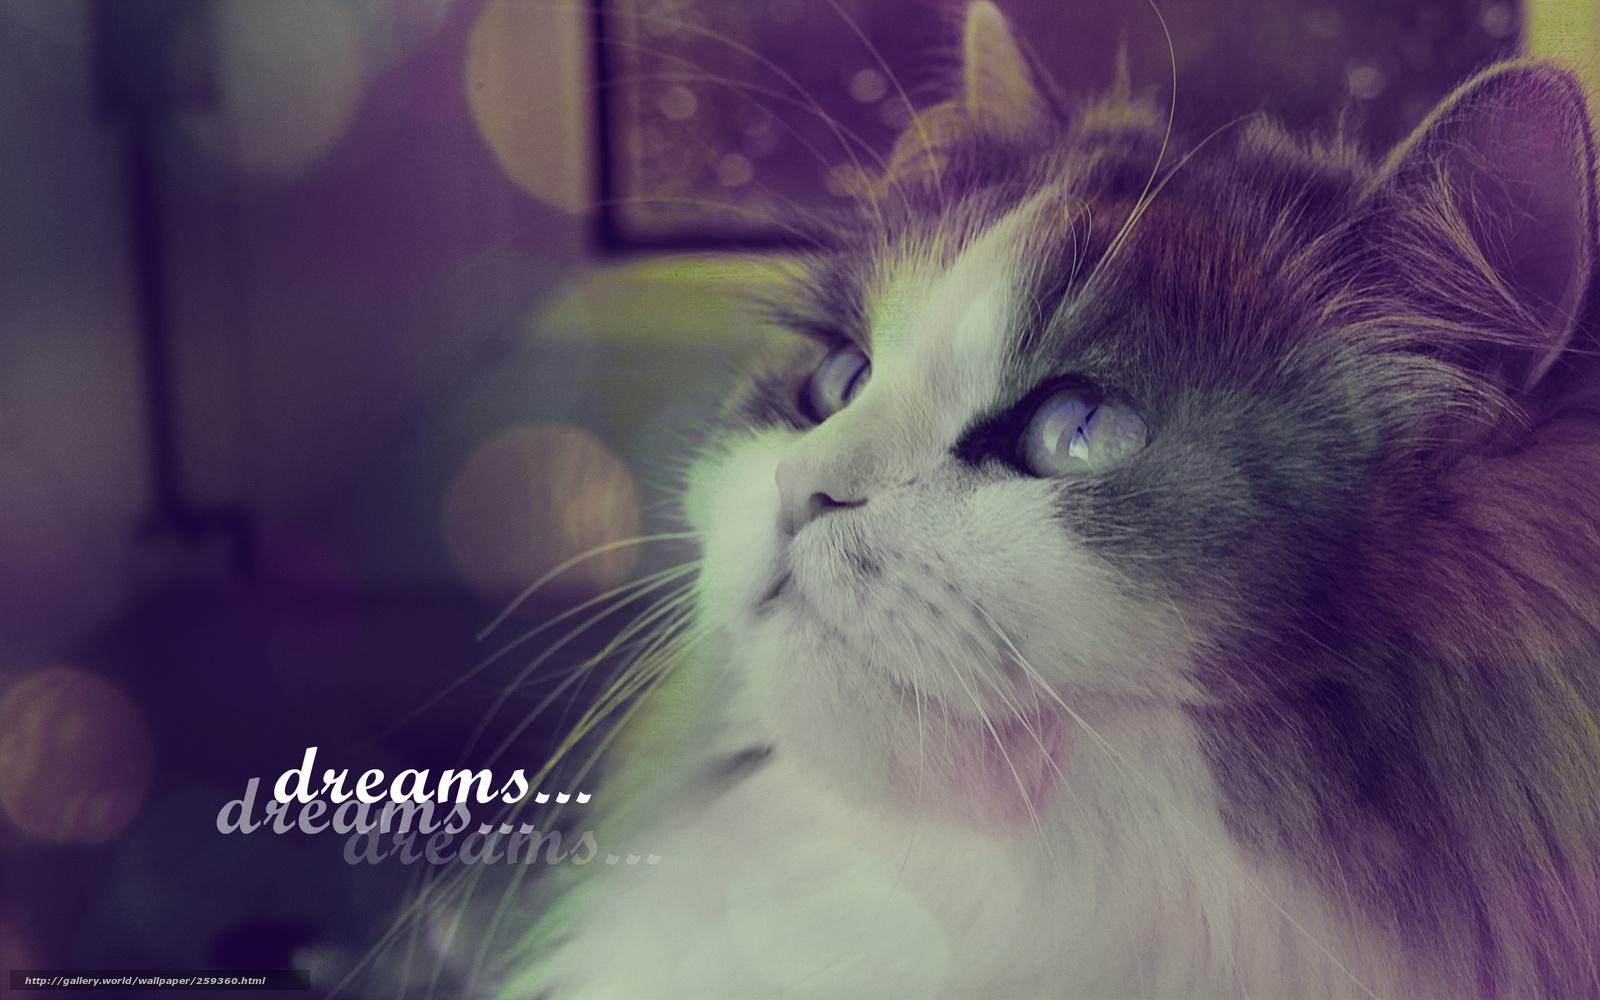 Tlcharger Fond d'ecran chat,  moustache,  voir,  rves Fonds d'ecran gratuits pour votre rsolution du bureau 2560x1600 — image №259360